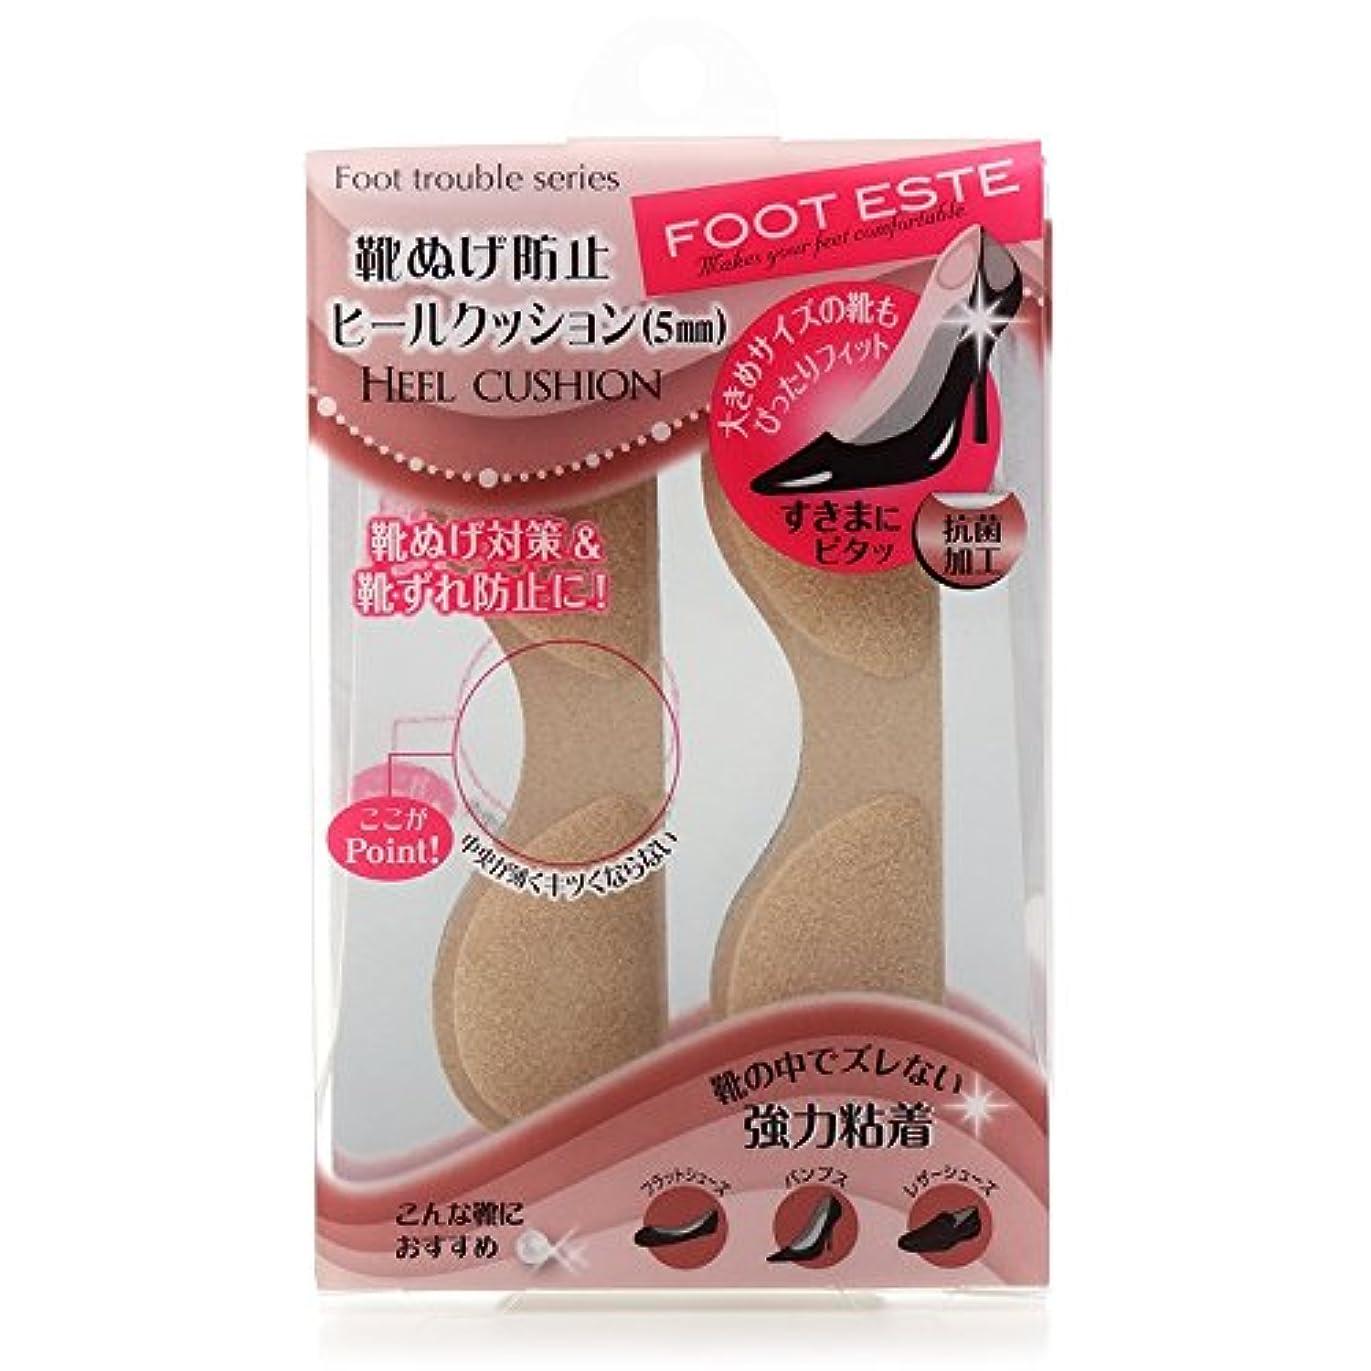 生産的大統領神話フットエステ フットトラブルシリーズ 靴ぬげ防止ヒールクッション(5mm)